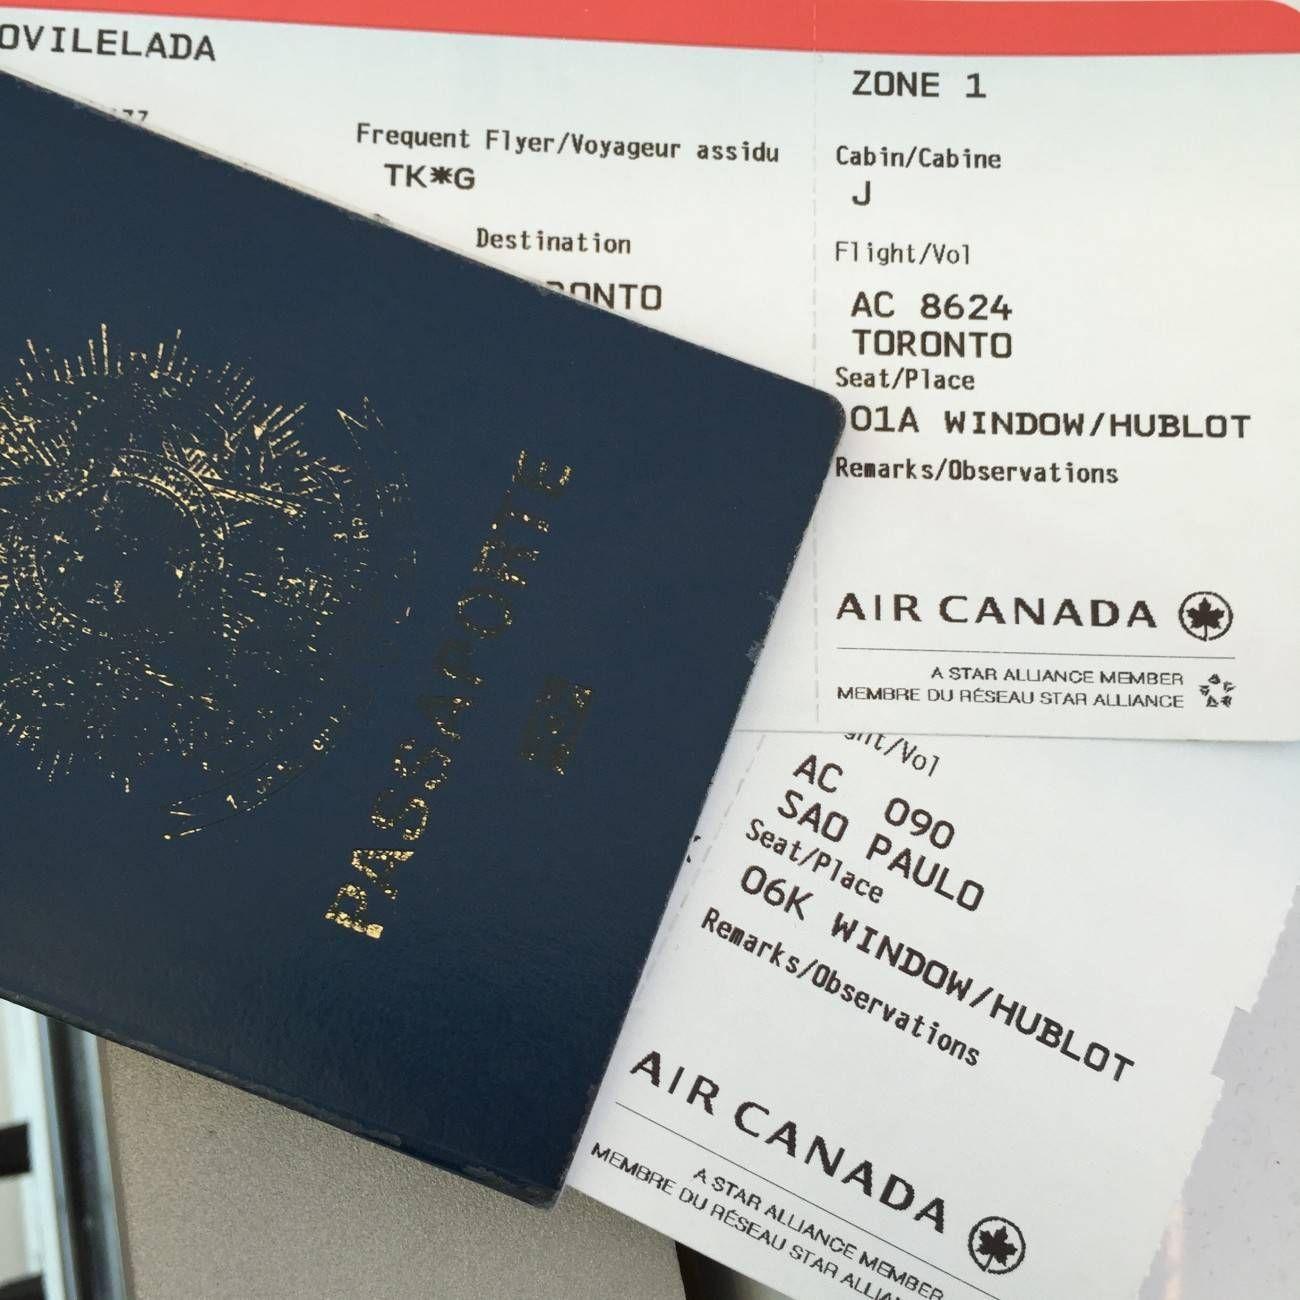 Air Canada Business Class CRJ-02